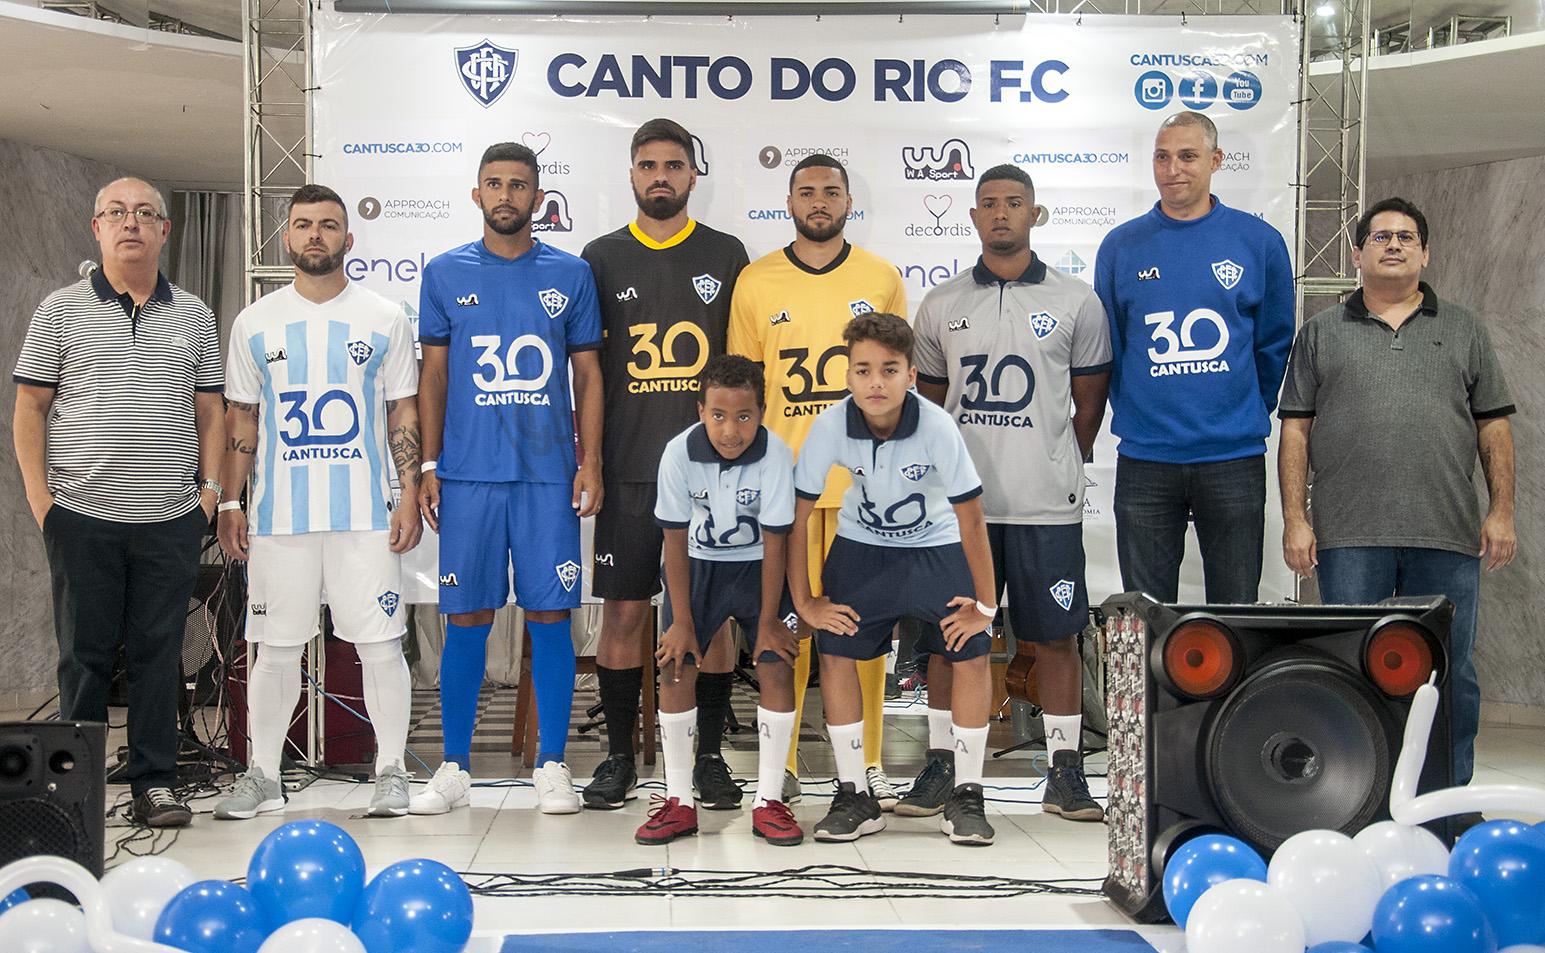 Canto do Rio - Lançamento novo uniforme e homenagem ao Gerson